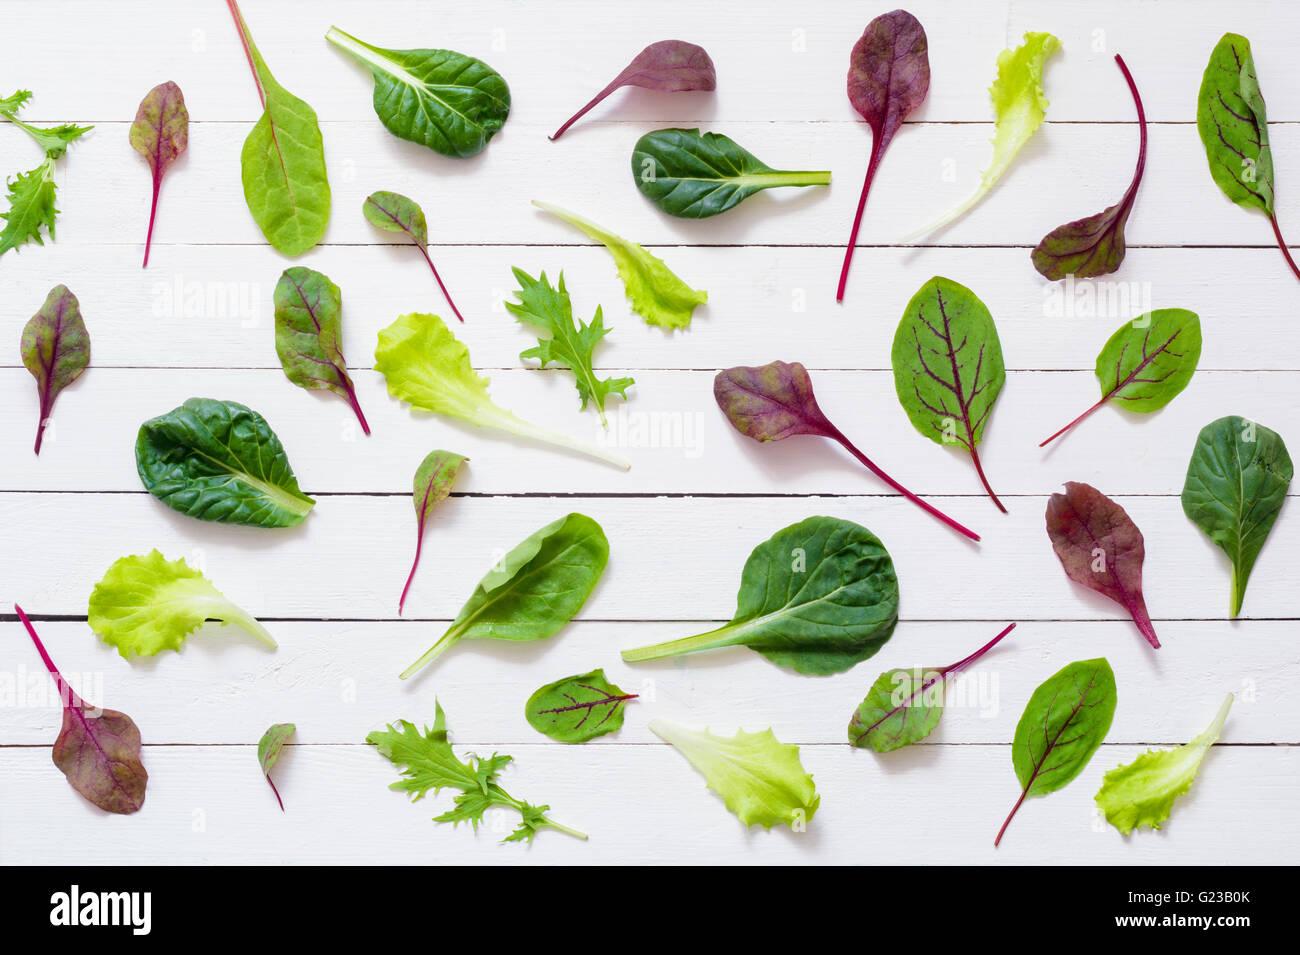 Design Pattern di varie foglie di insalata in bianco sullo sfondo di legno / Lay piatto di insalata verde foglie Immagini Stock